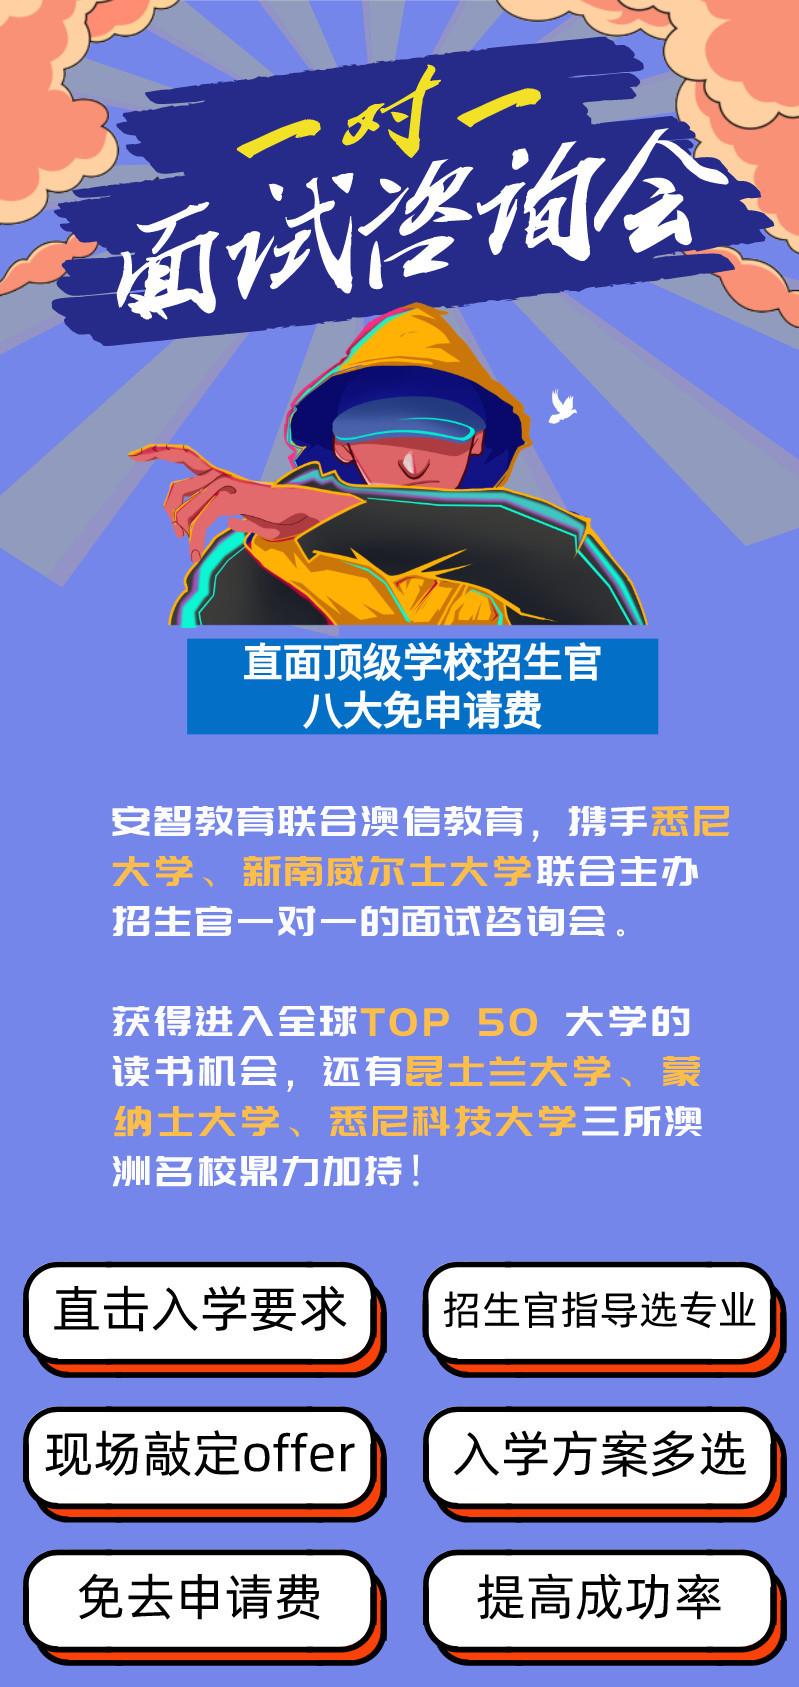 面试咨询会, TOP50, 一对一,Anzhi,Eucation,安智, 安智教育